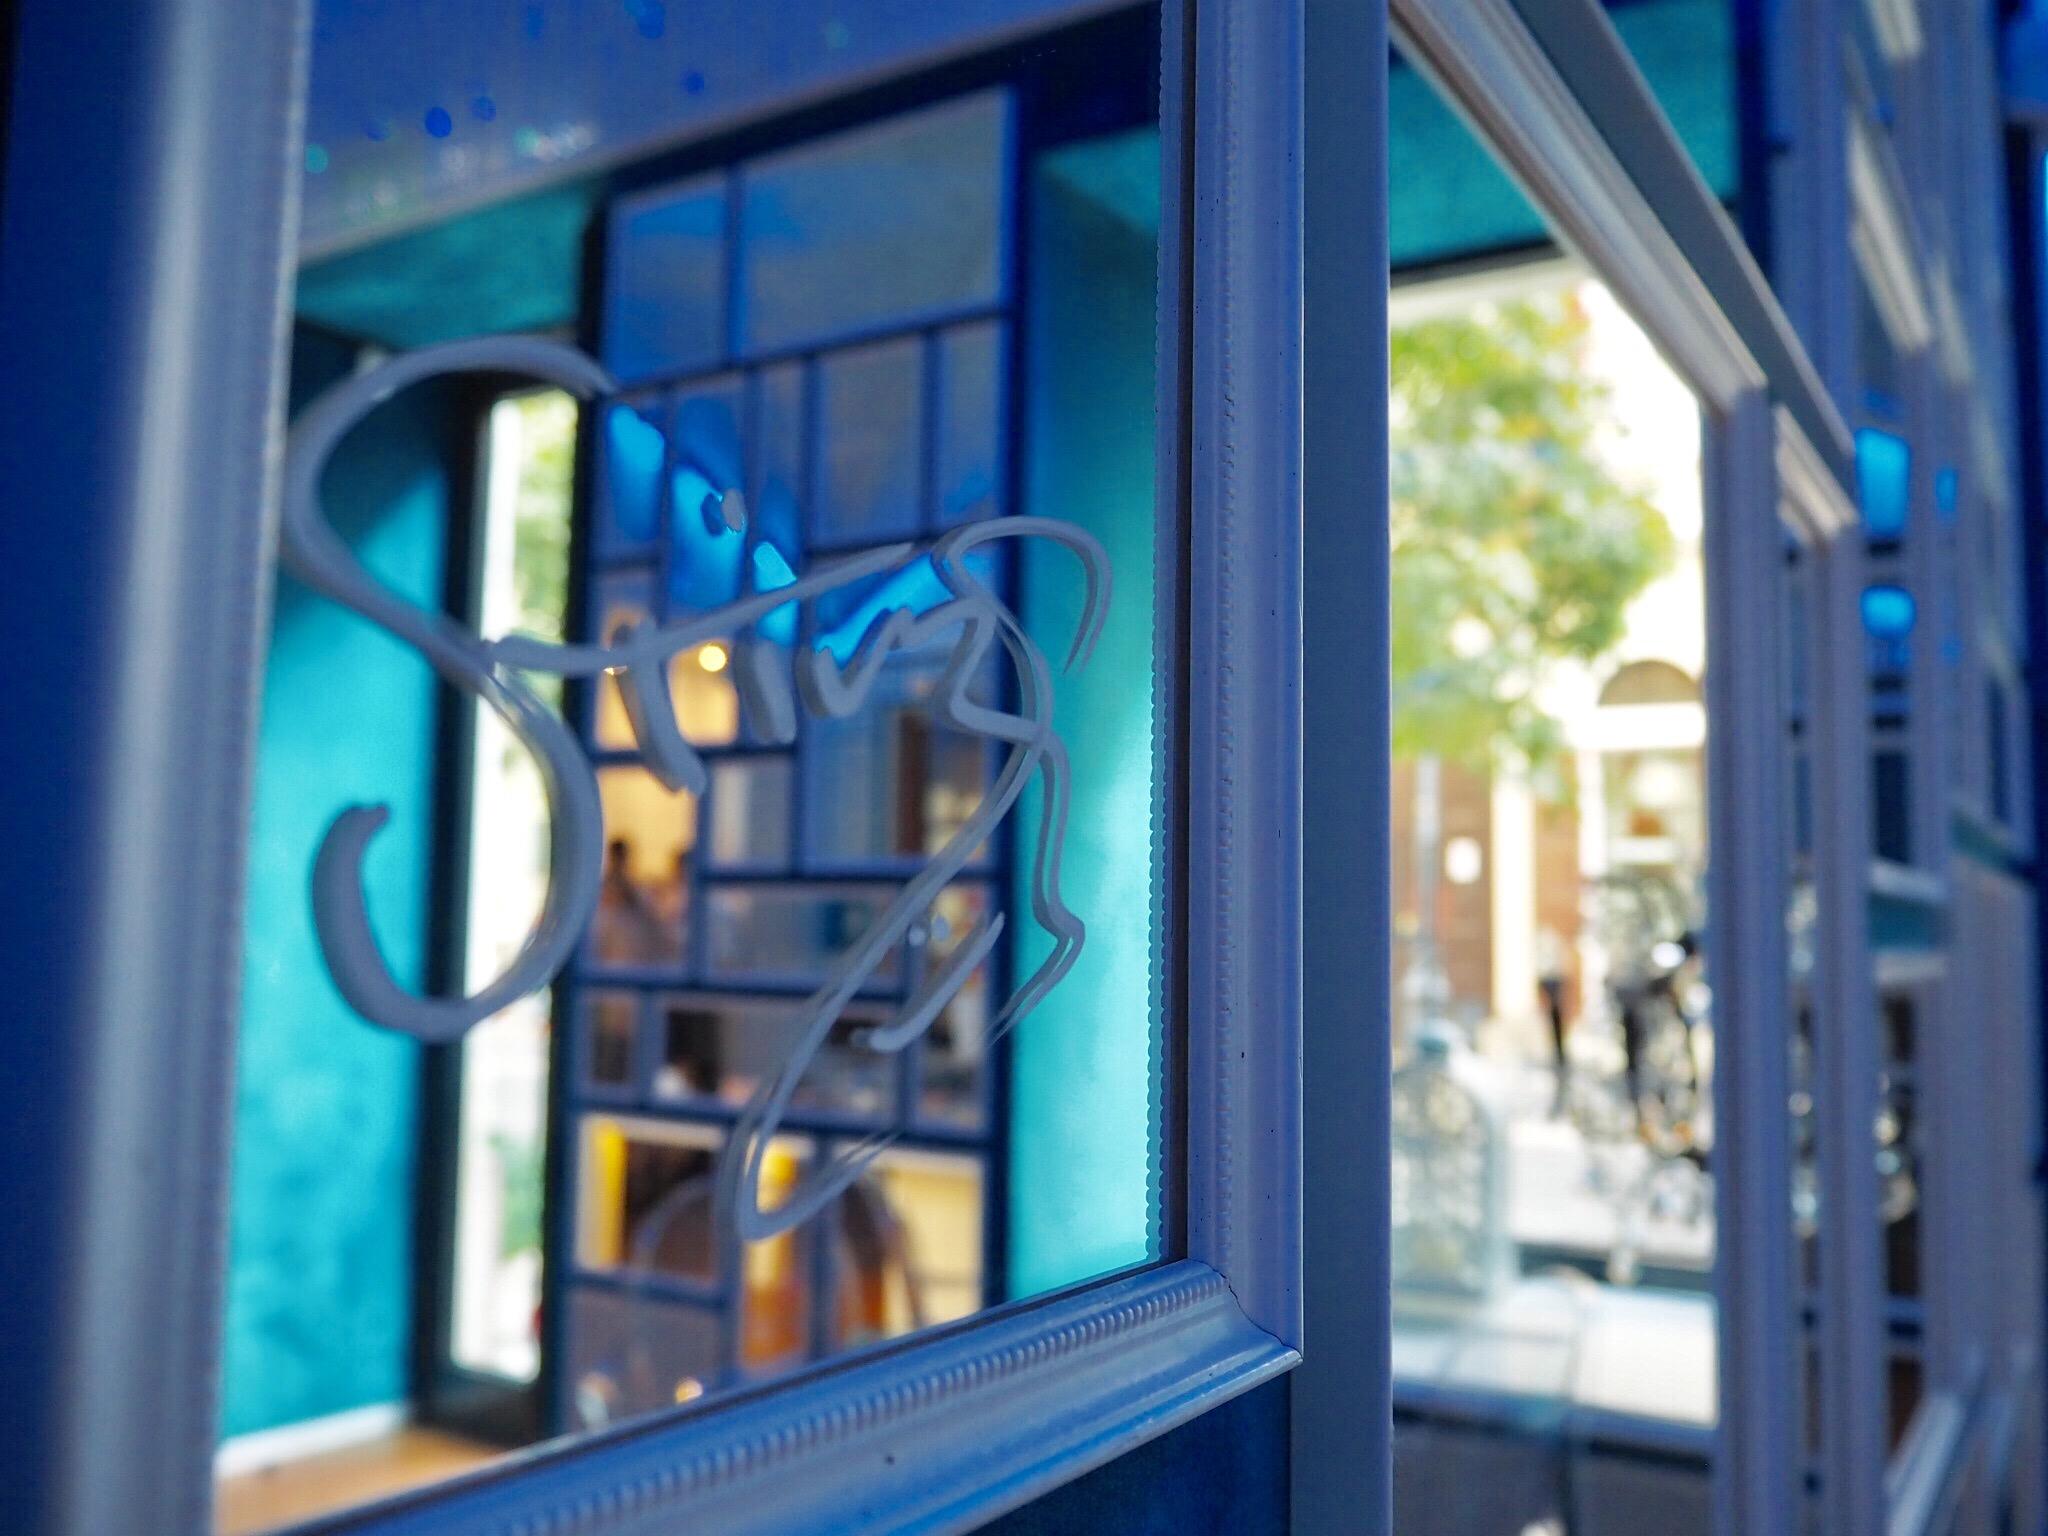 img 4805 - Aria Hotel Budapest - 音楽に囲まれて過ごすブダペストのラグジュアリーブティックホテルの魅力